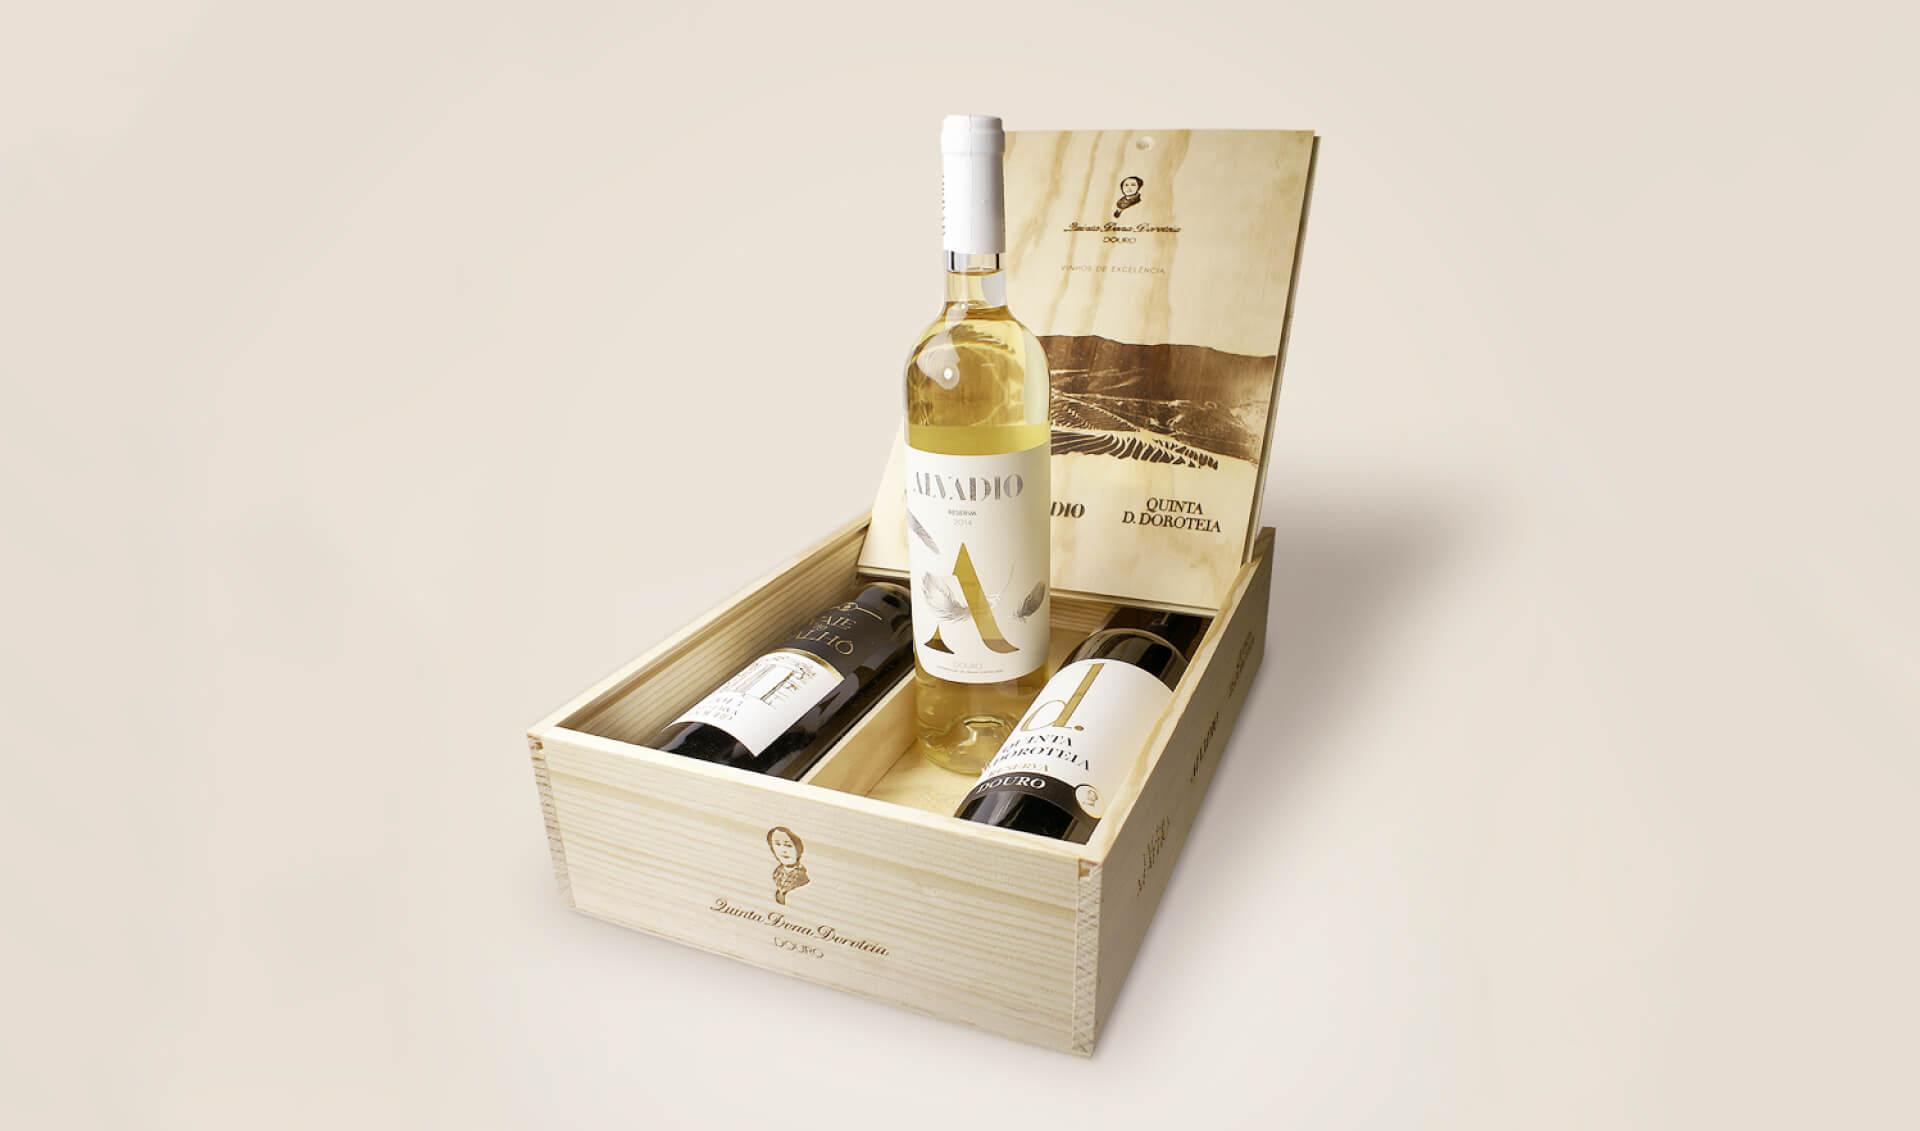 Caixa de madeira com três garrafas de vinho Quinta Dona Doroteia